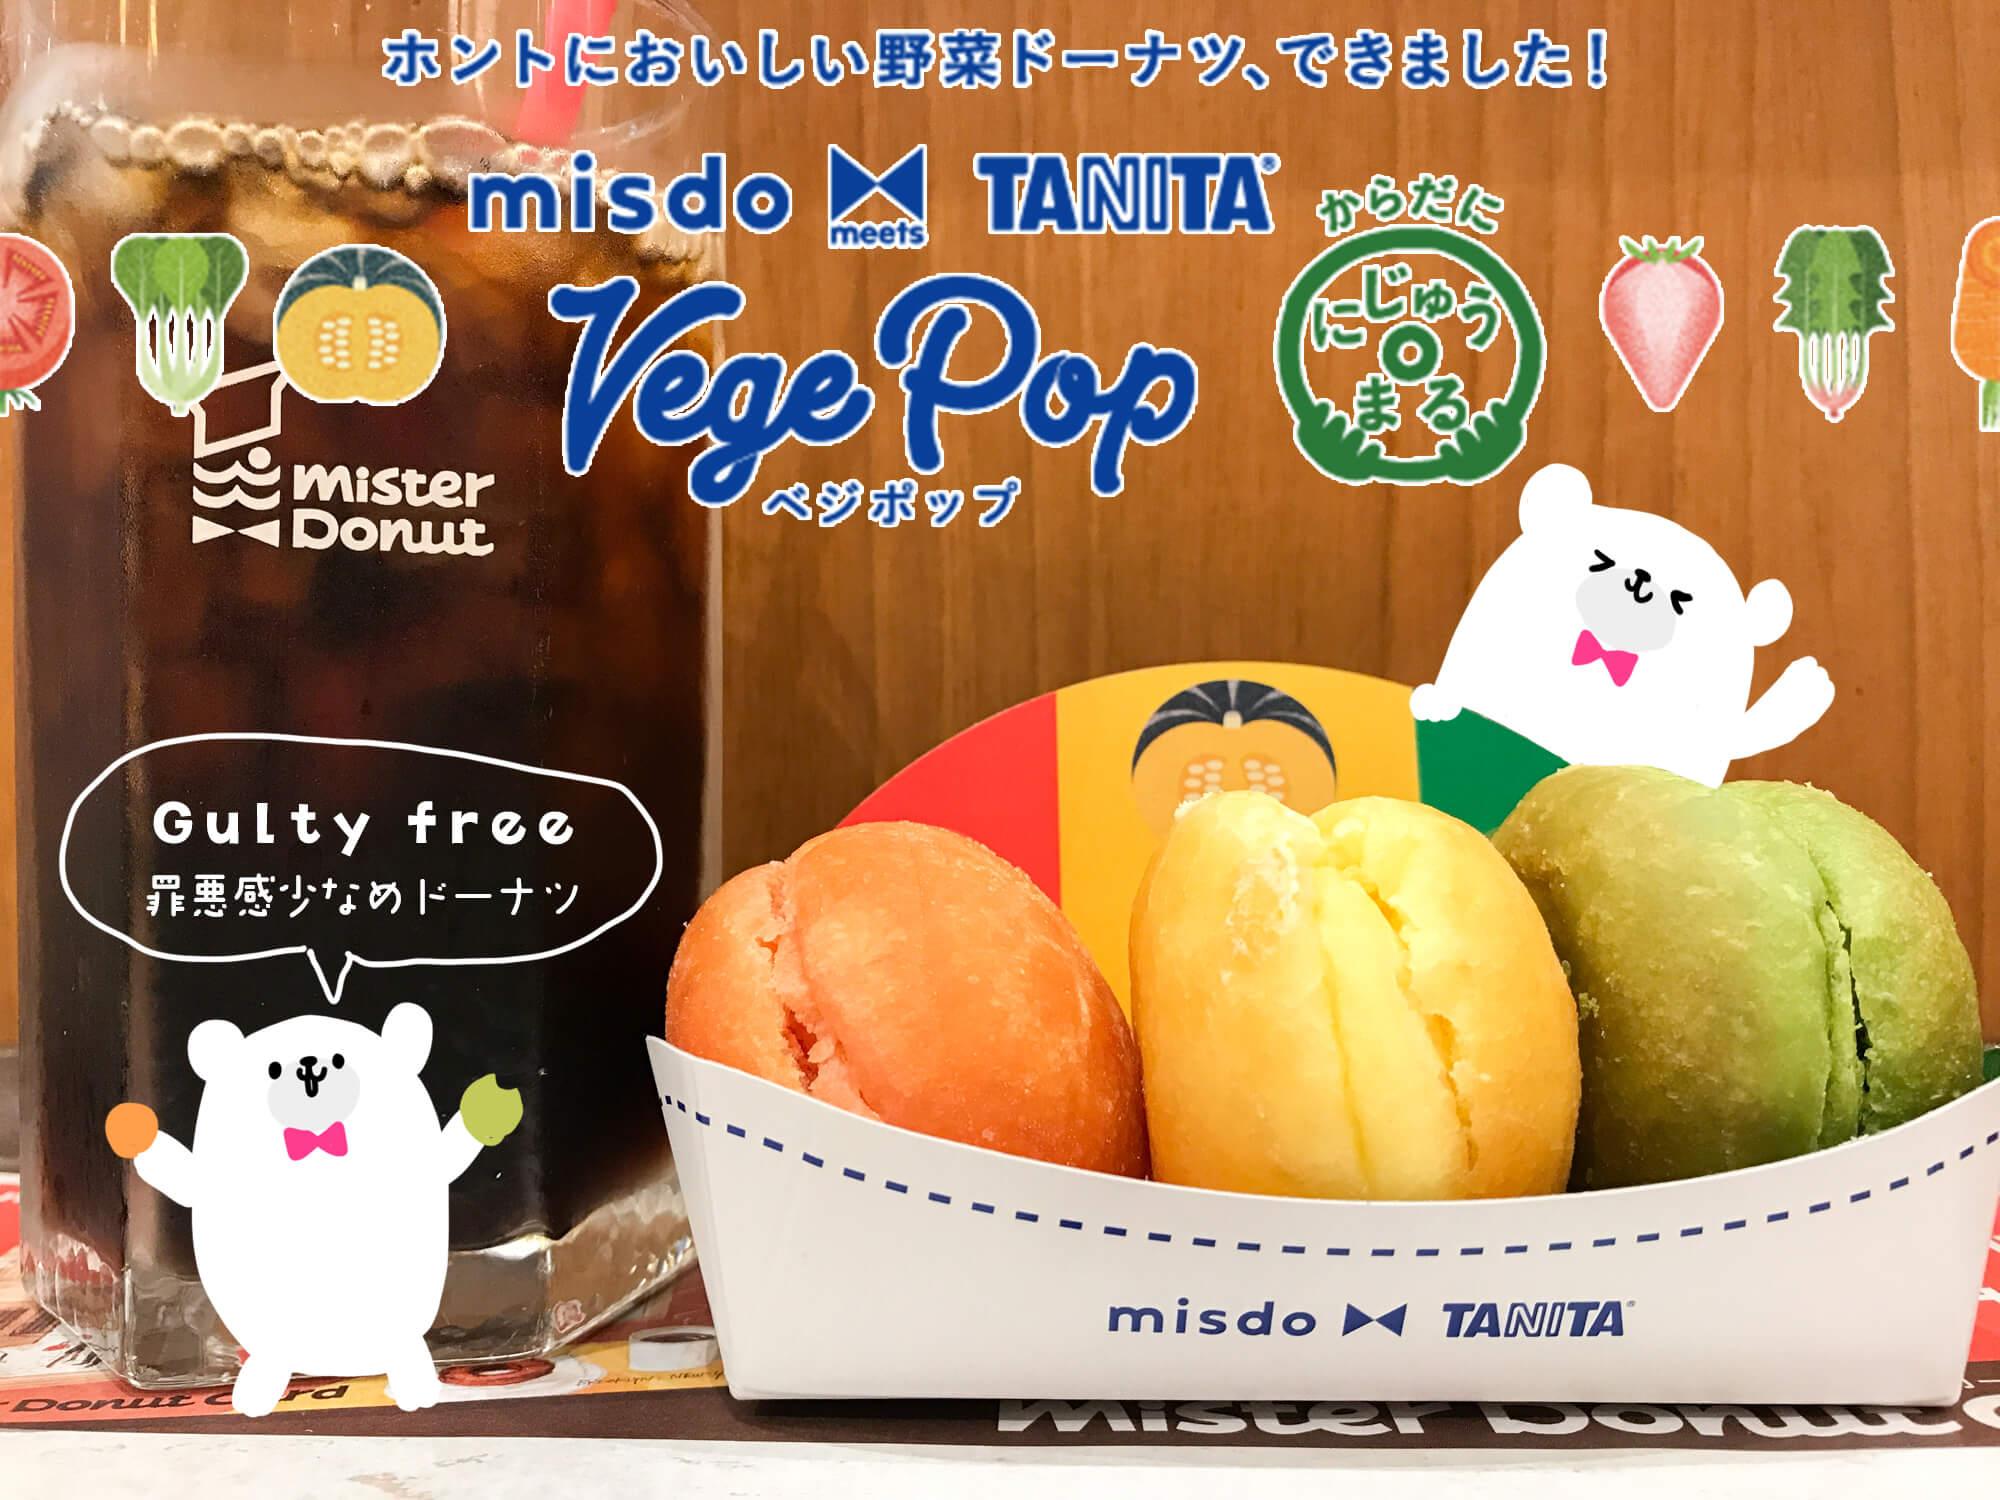 ミスドとタニタの作ったお野菜ドーナツ「ベジポップ」はカワイイ上においしくてギルティフリー!